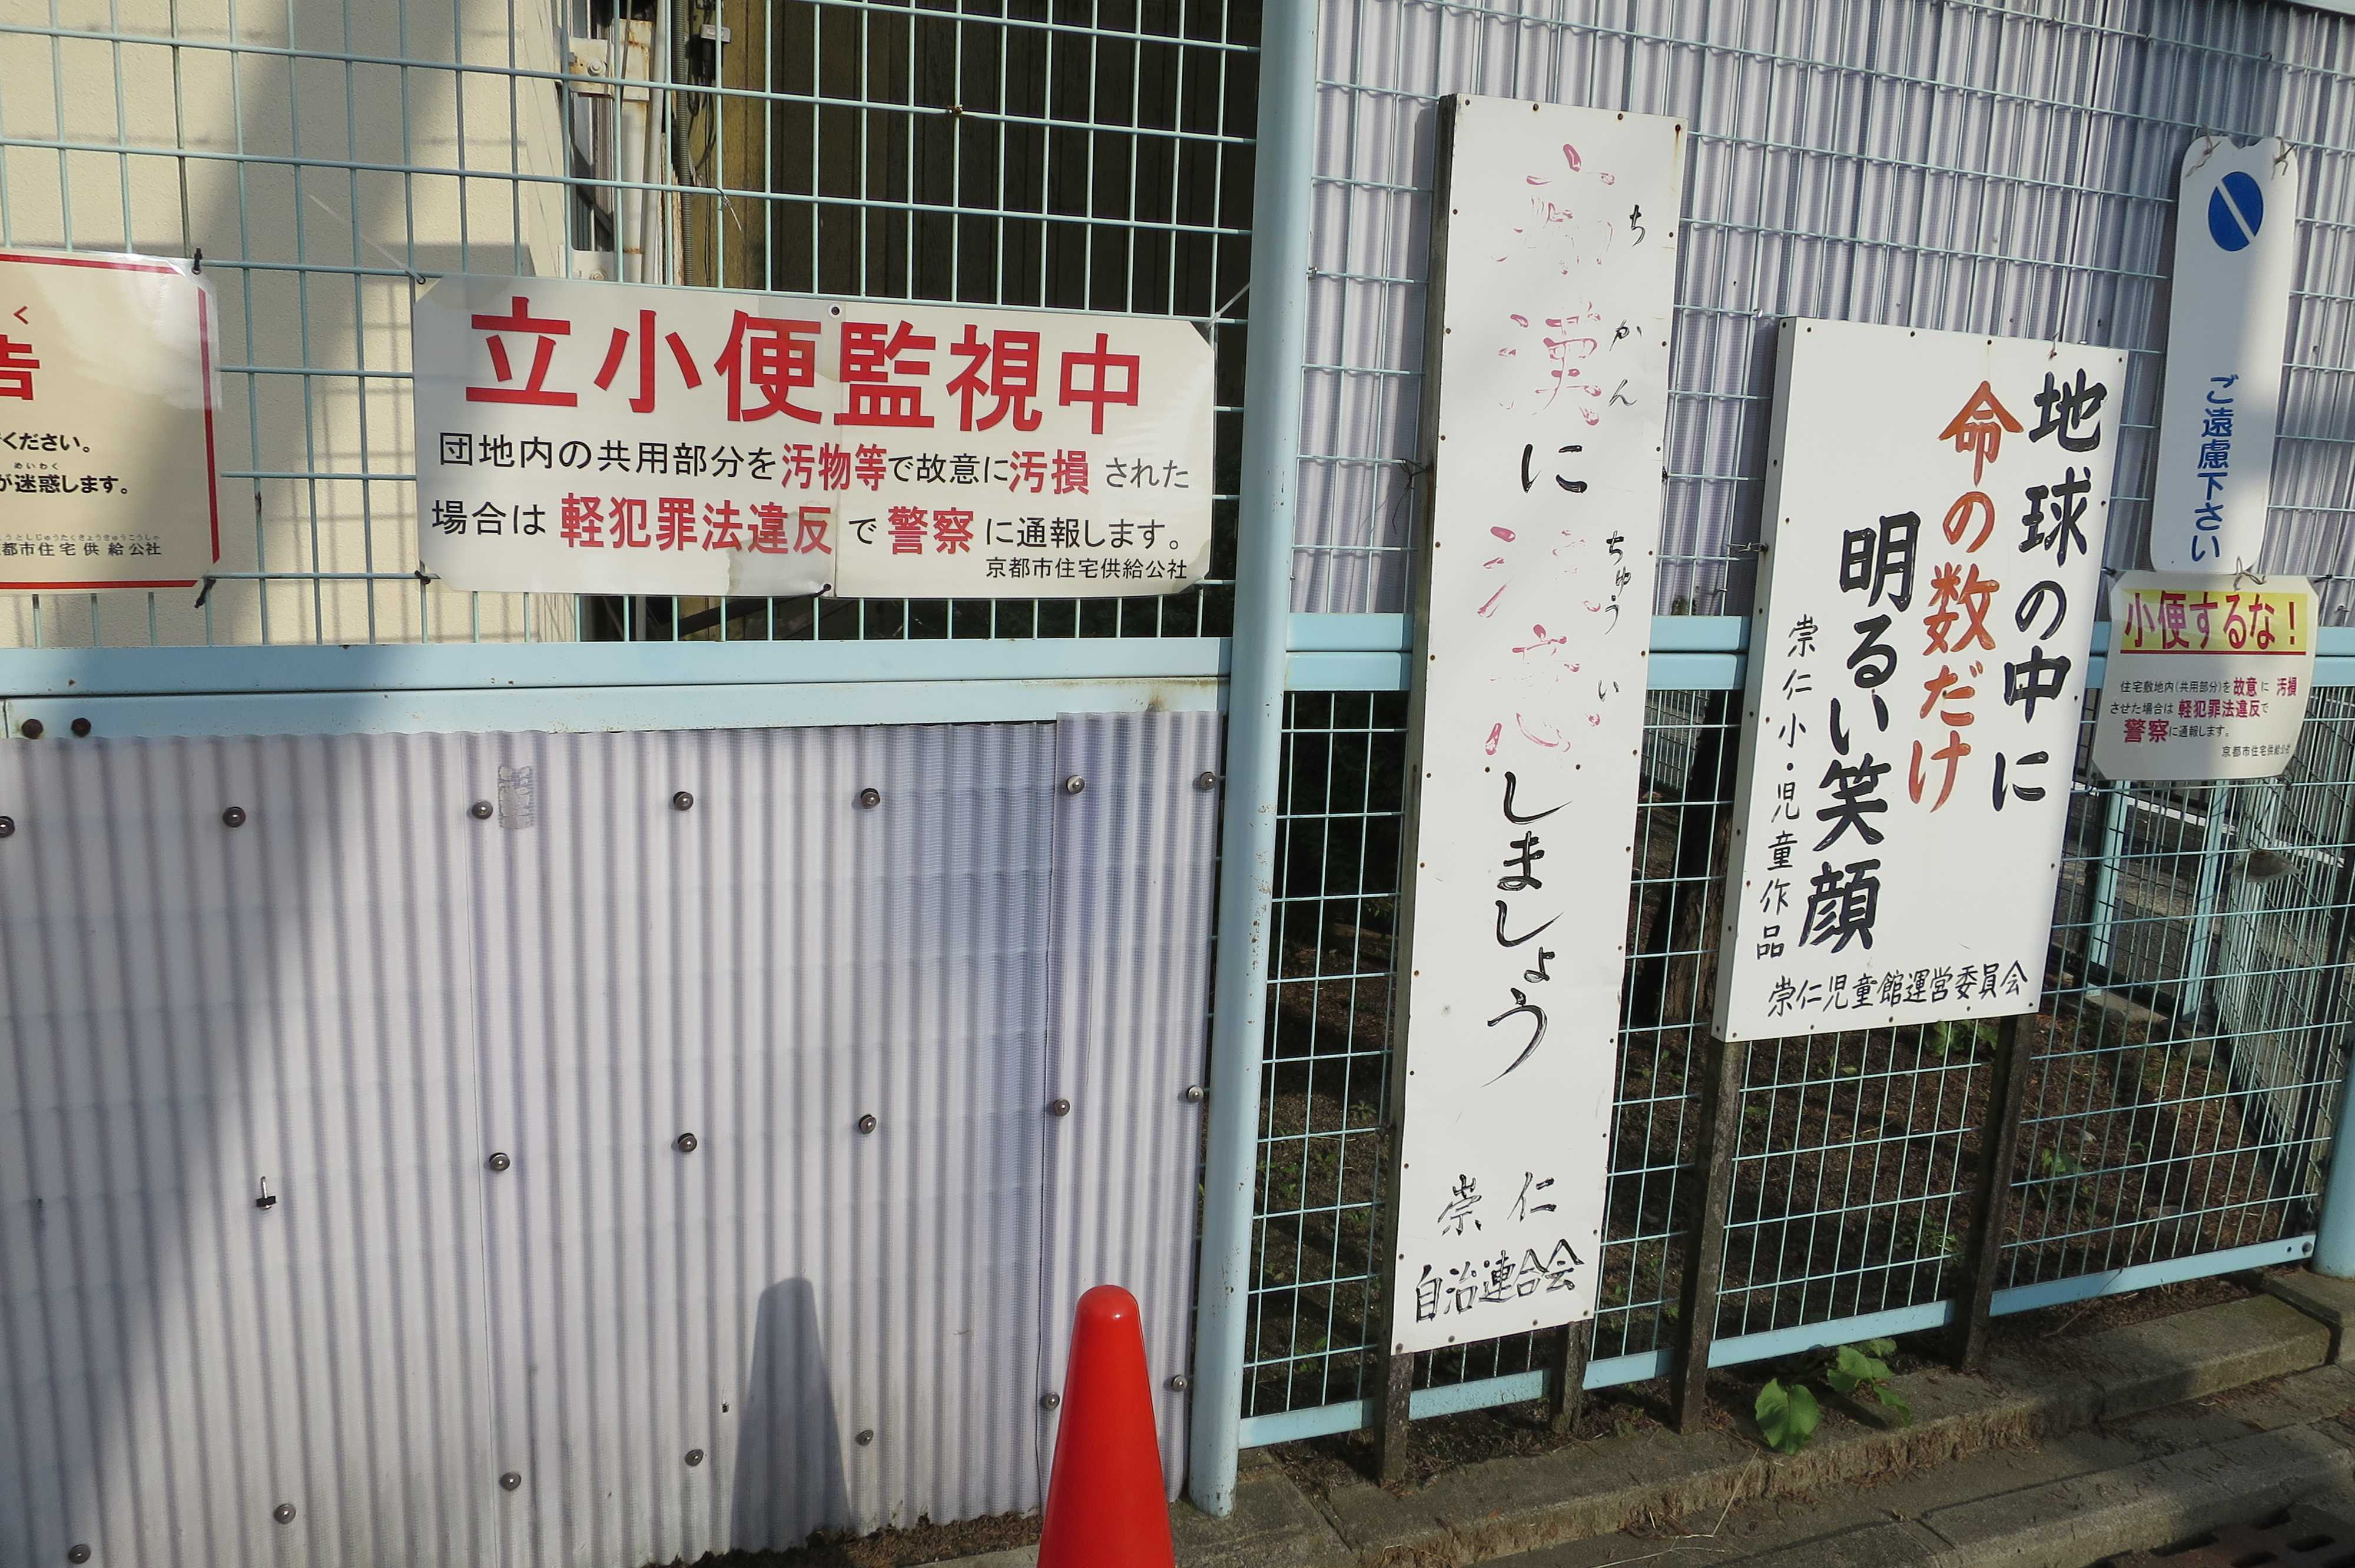 京都・崇仁地区 - 立小便監視中、痴漢に注意しましょうなどの看板